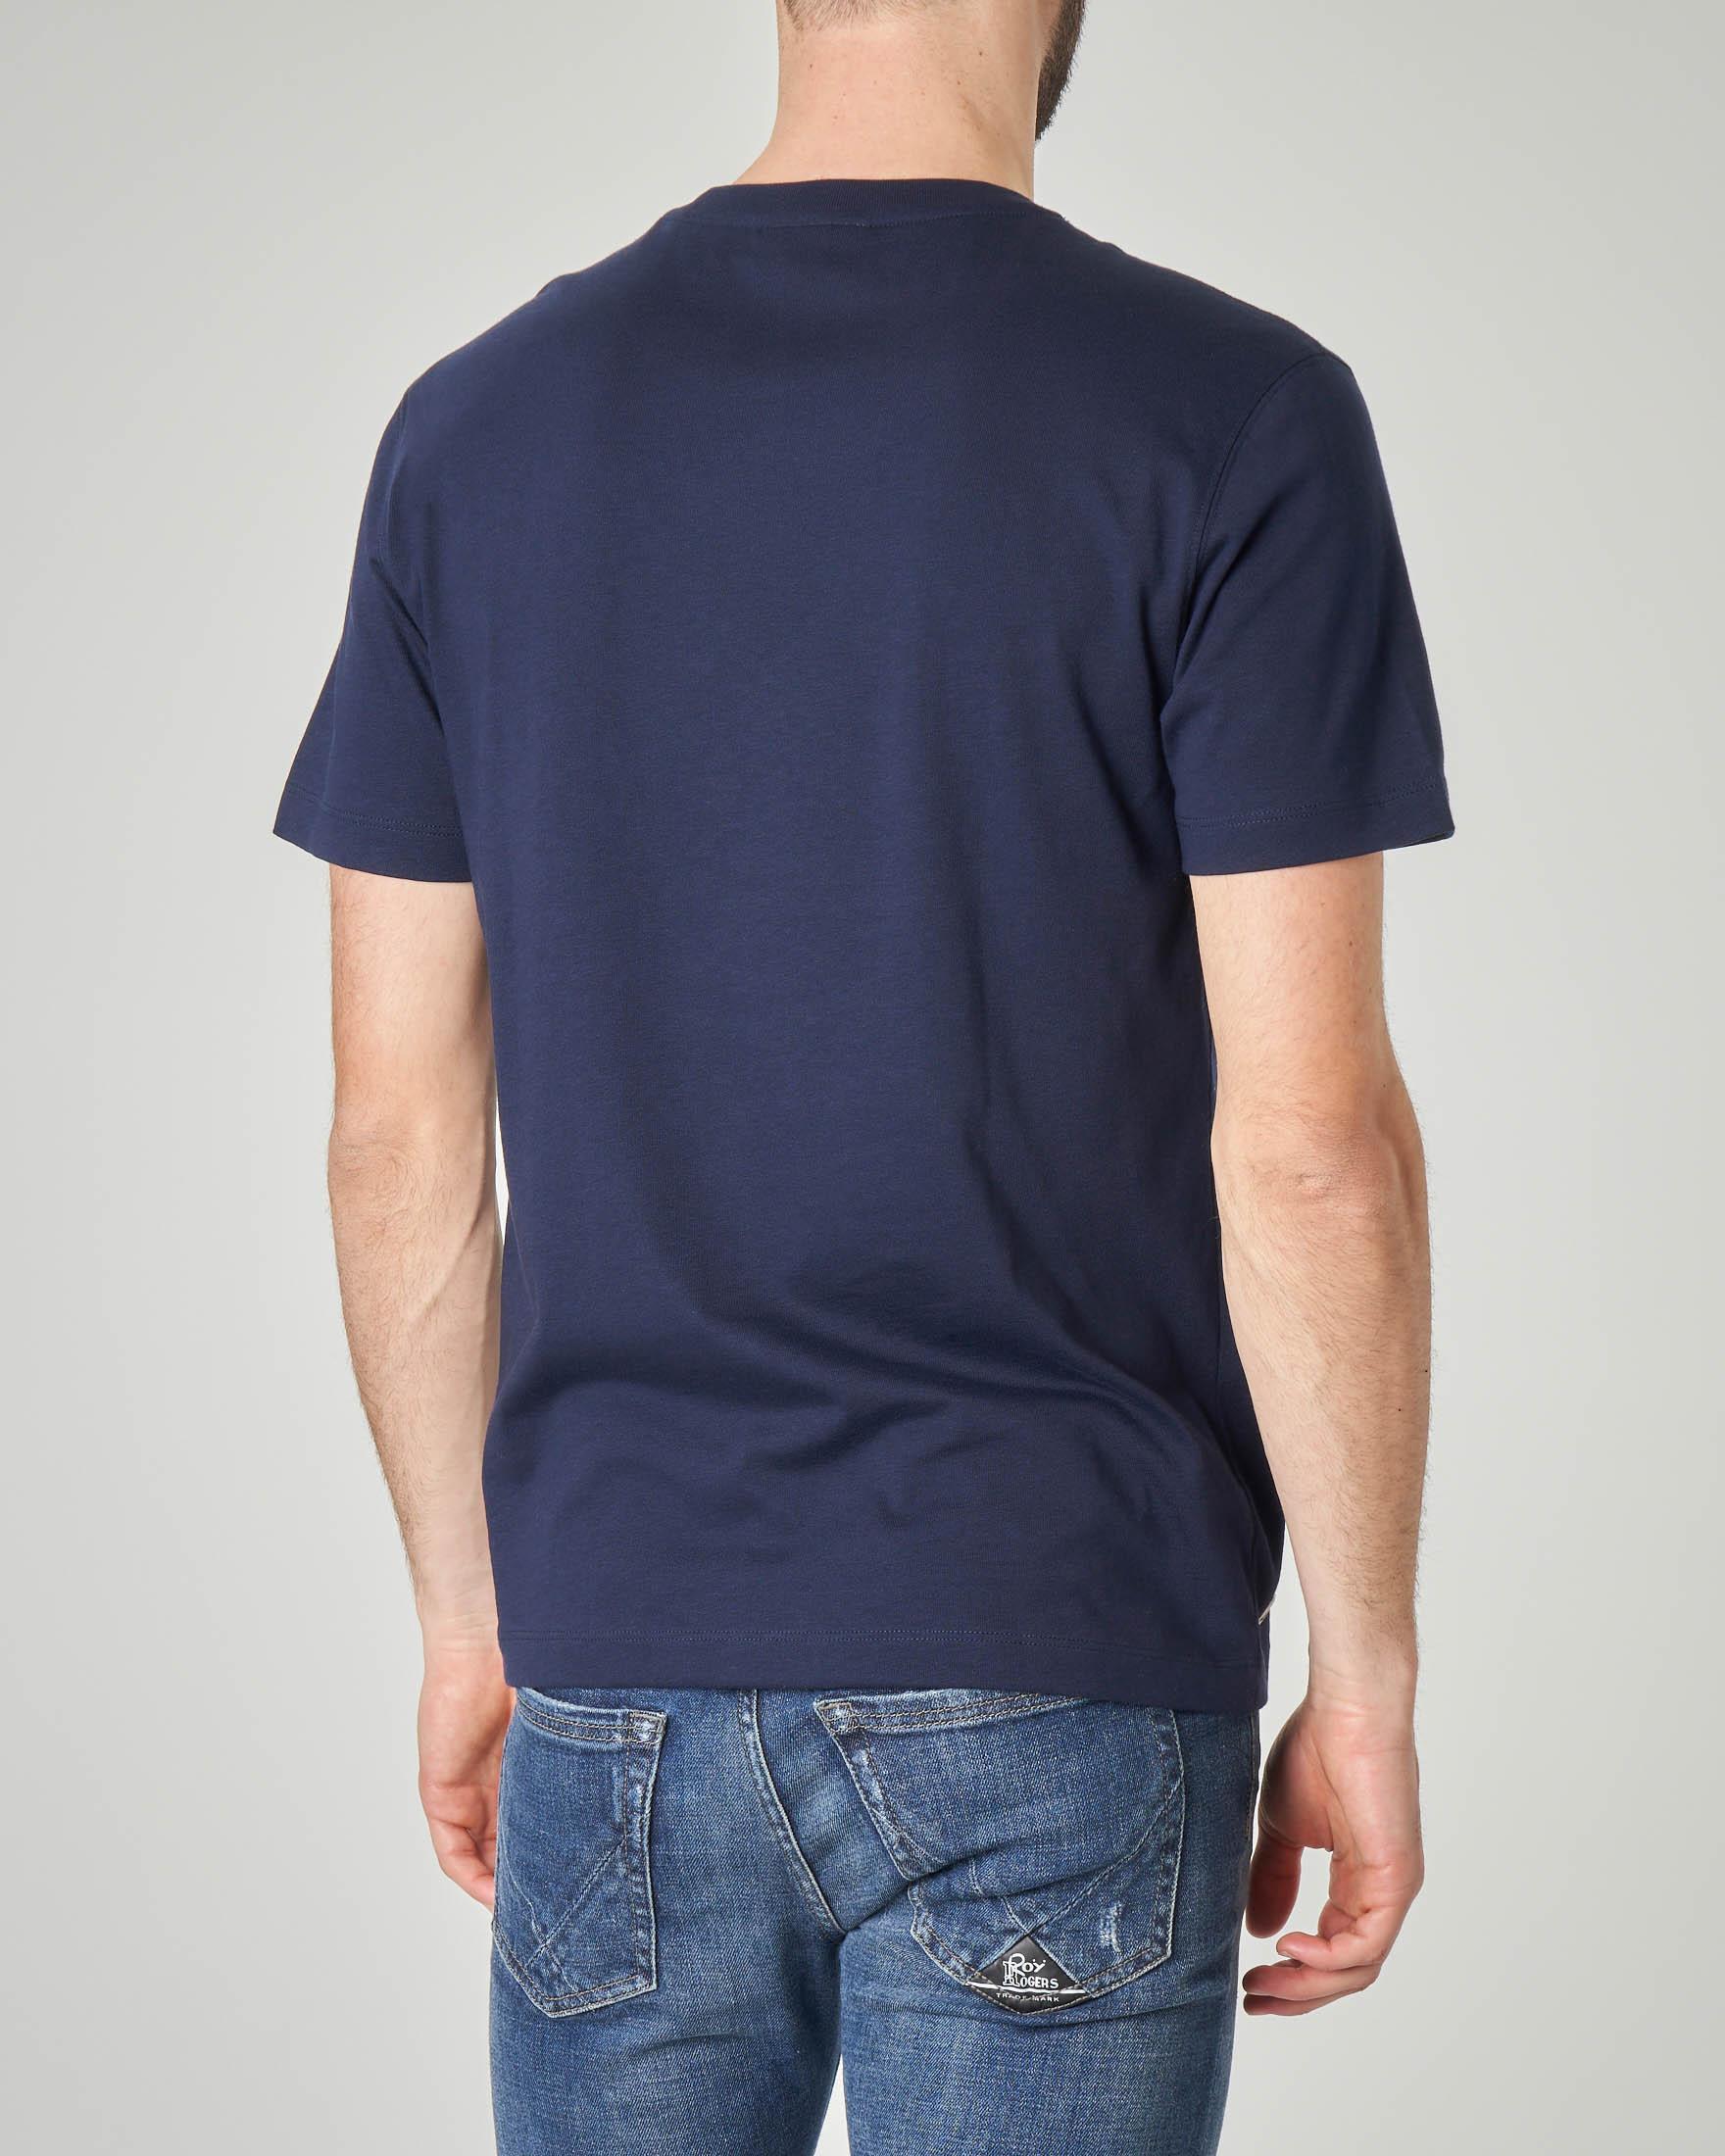 T-shirt blu con logo hawaiano